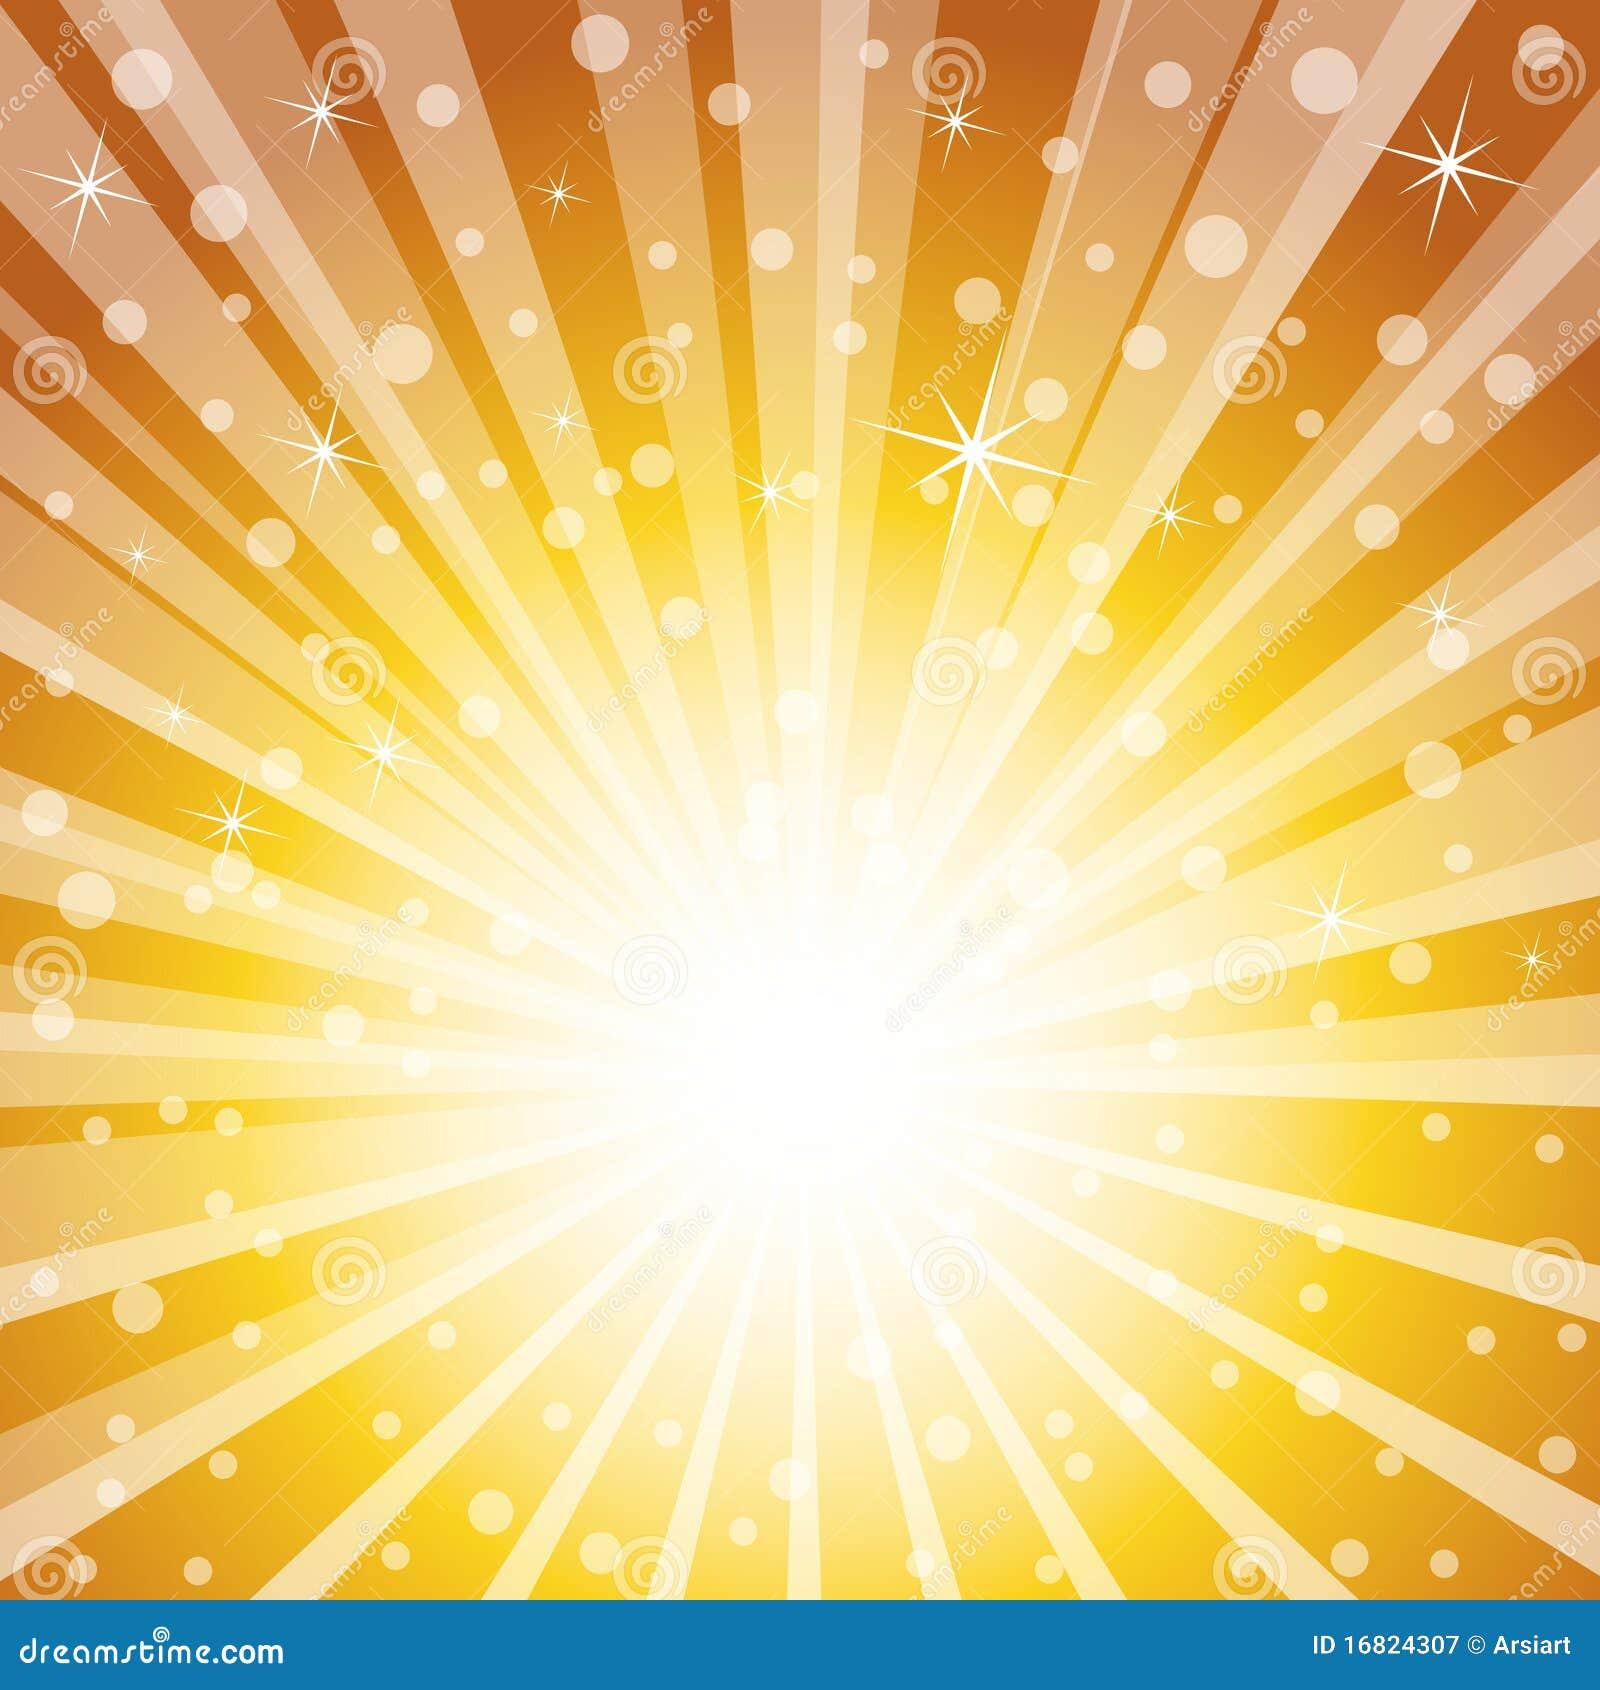 golden holiday magic background  stock illustration